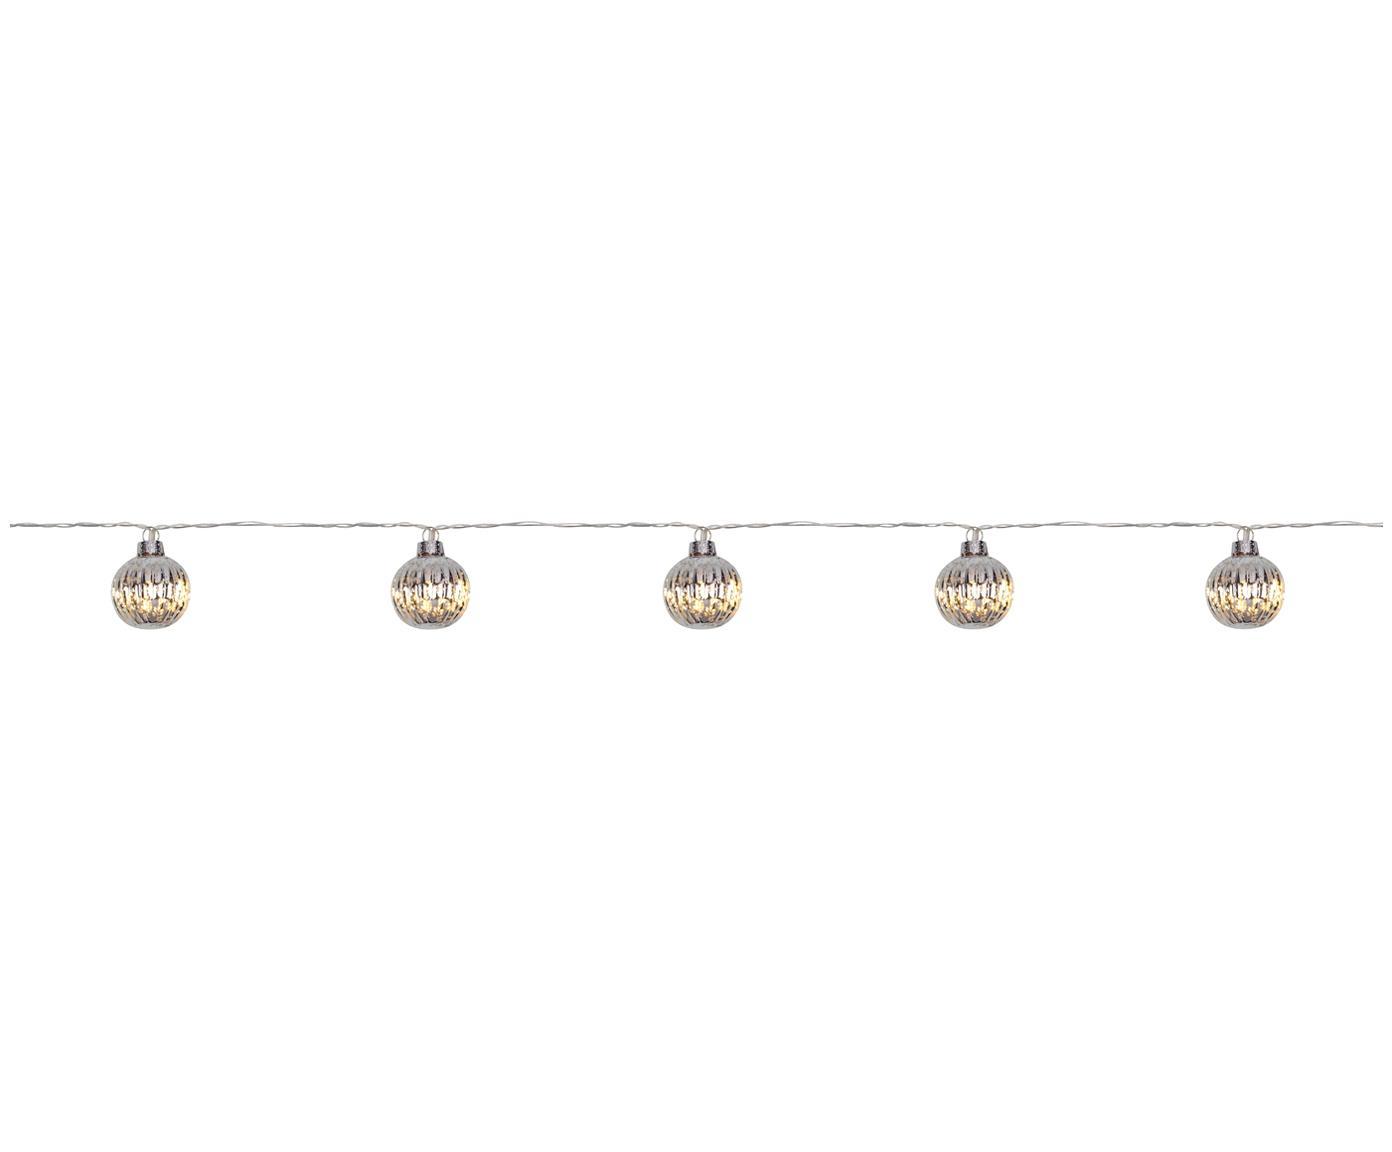 LED-Lichterkette Solo, Silberfarben, L 170 x H 4 cm